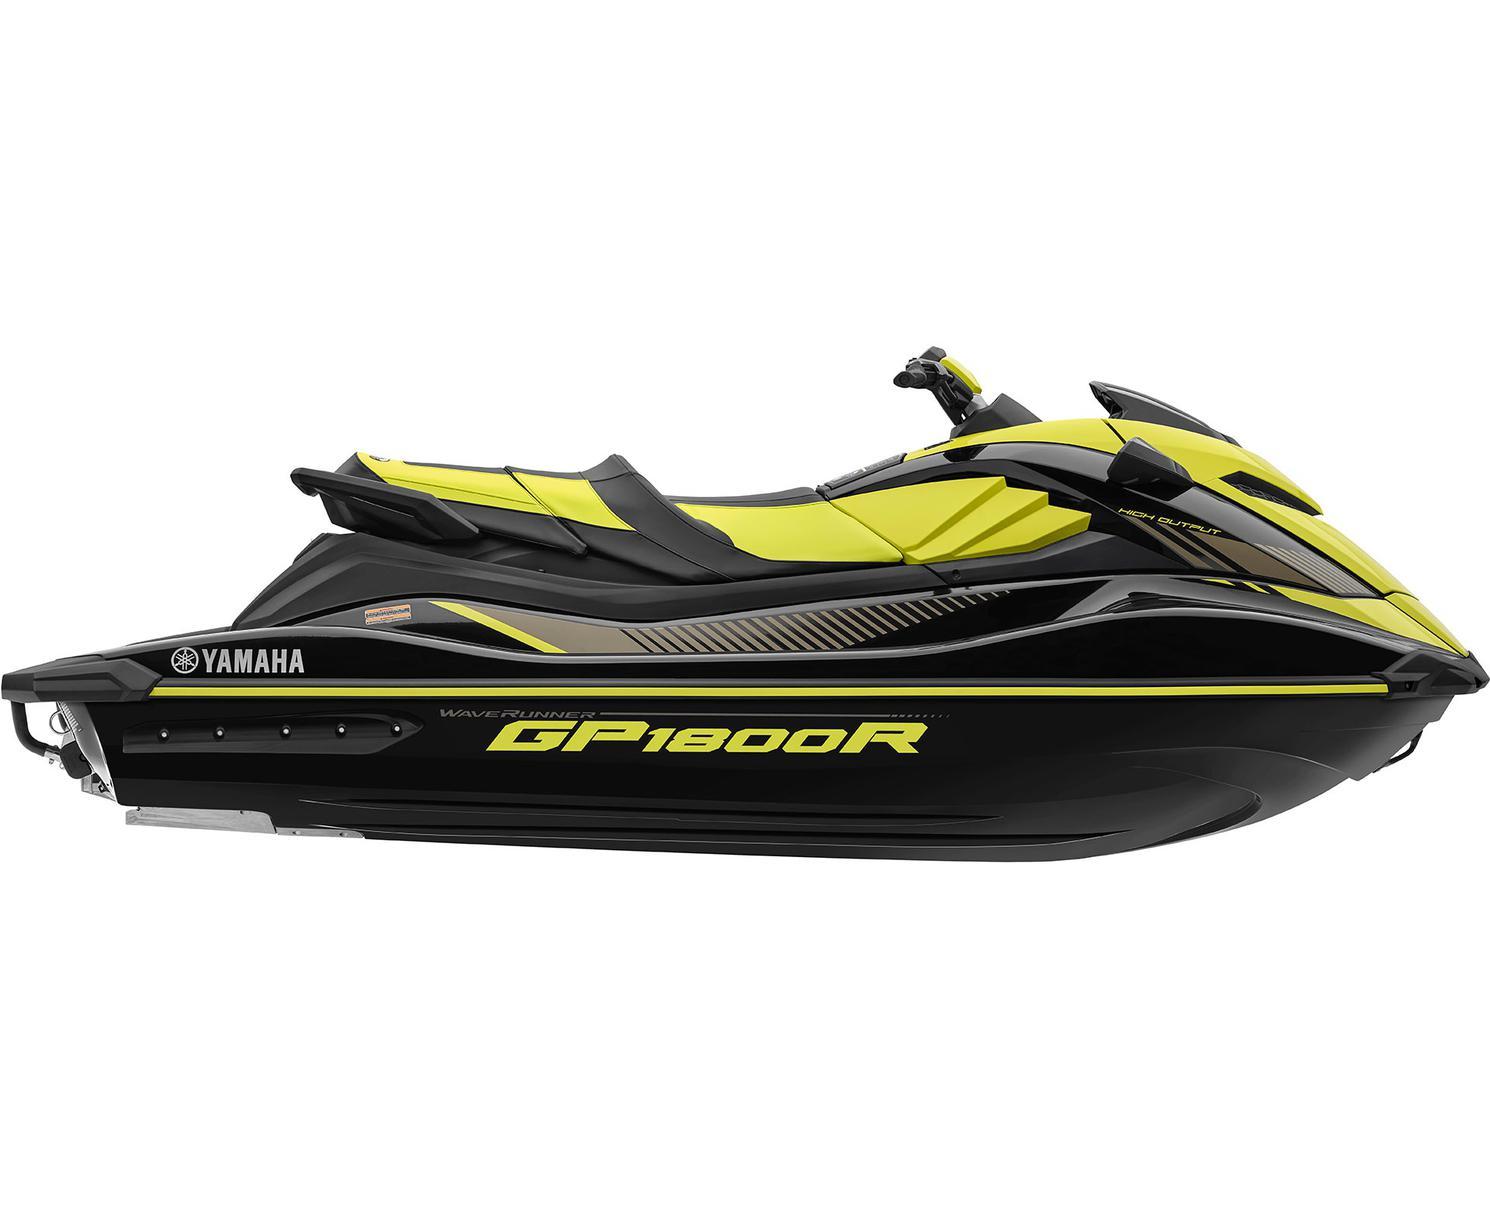 2022 Yamaha GP1800R HO Black/Lime Yellow